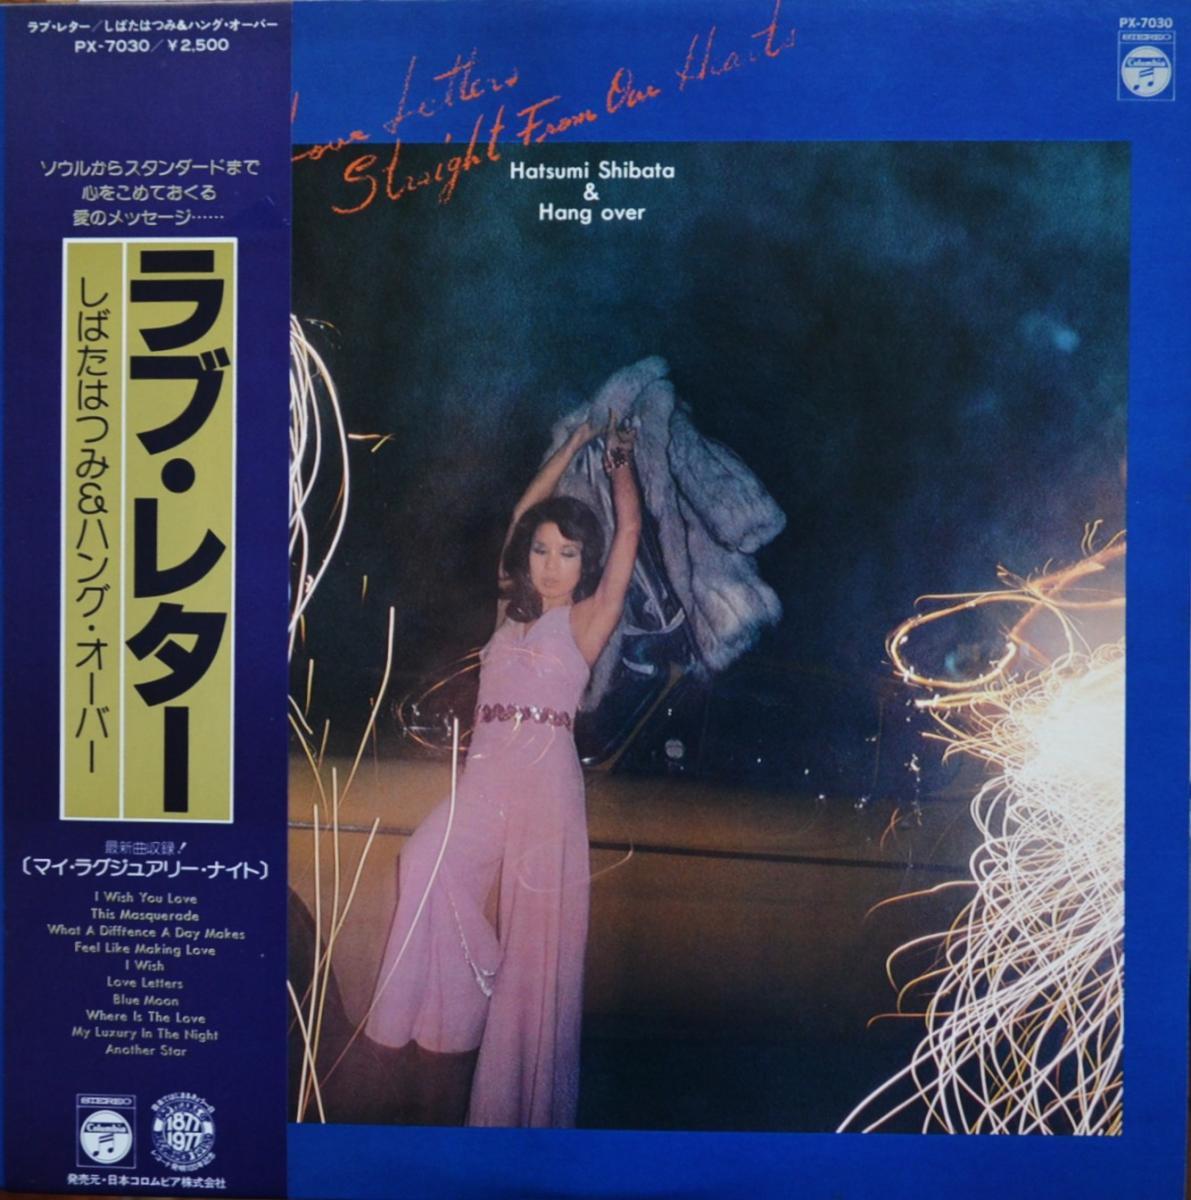 しばたはつみ & ハング・オーバー HATSUMI SHIBATA & HANG OVER / ラブ・レター LOVE LETTER (LP)